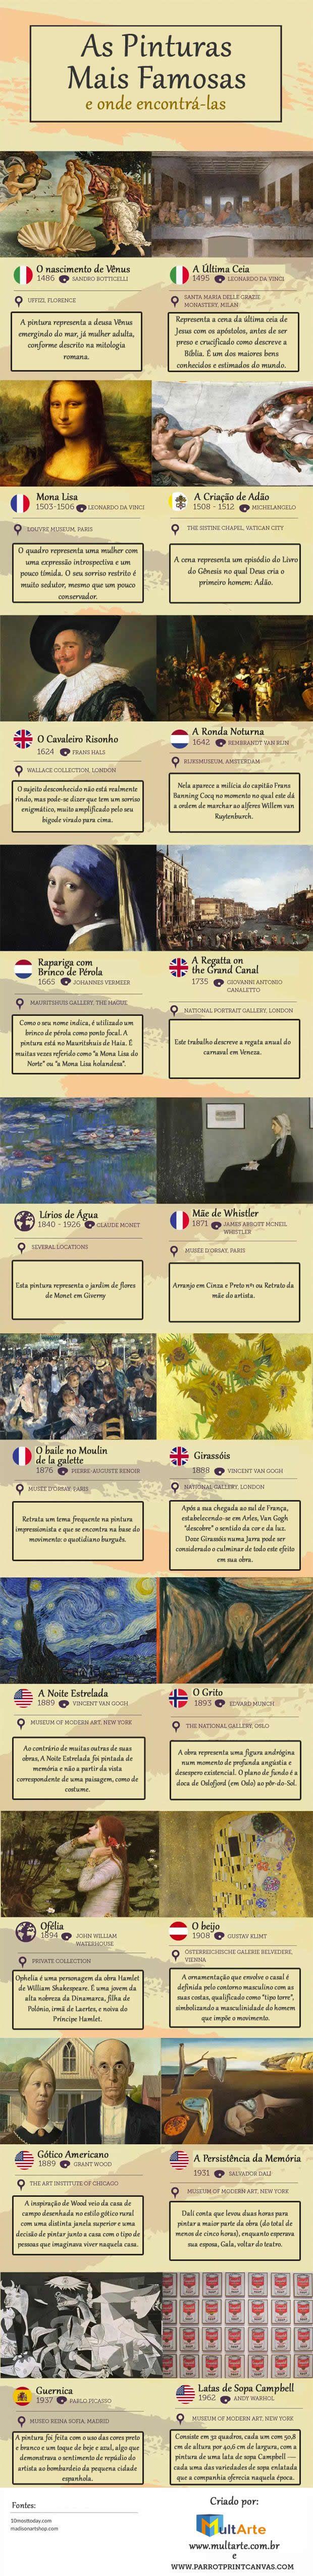 Neste artigo listamos as 50 pinturas mais famosas do mundo, baseadas em nossa pesquisa.São obras de arte expostas em museus de todo o mundo, criadas por artistas renomados e famosos, como por exemplo:Leonardo da Vinci, Vicent Van Gogh, Salvador Dalí e outros.Inclua o GIF em seu site/blog...